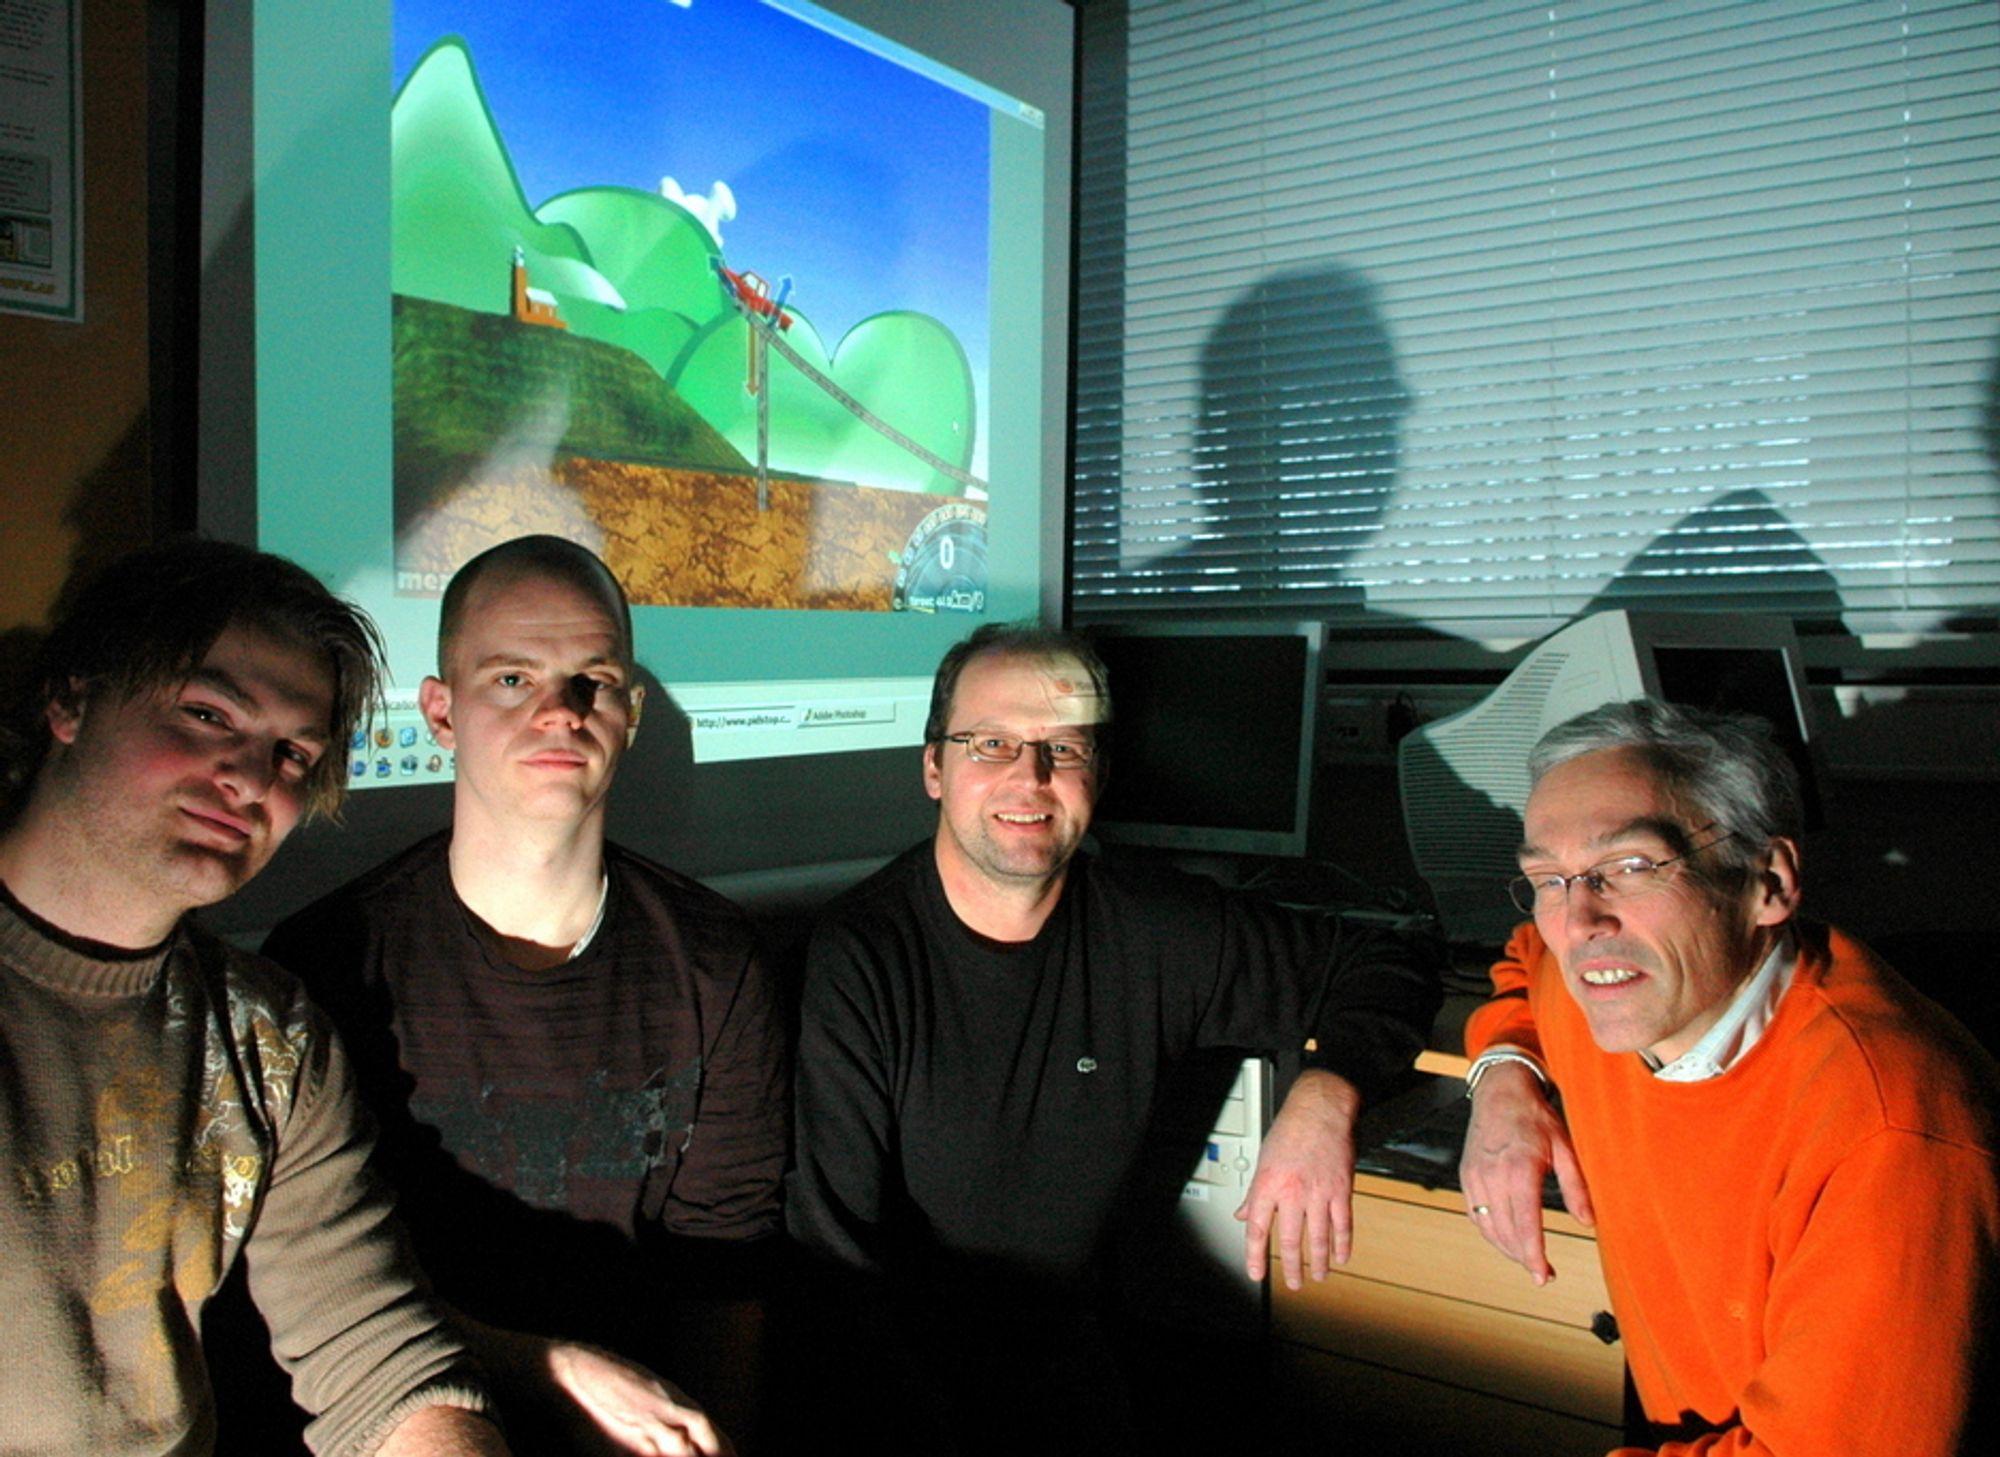 SKAL INSPIRERE: Denne gjengen står bak PIDstop opplæringssimulator. Fra venstre Øivind Loe, Frank Jakobsen, Tor Ivar Eikaas og Bjarne Foss.